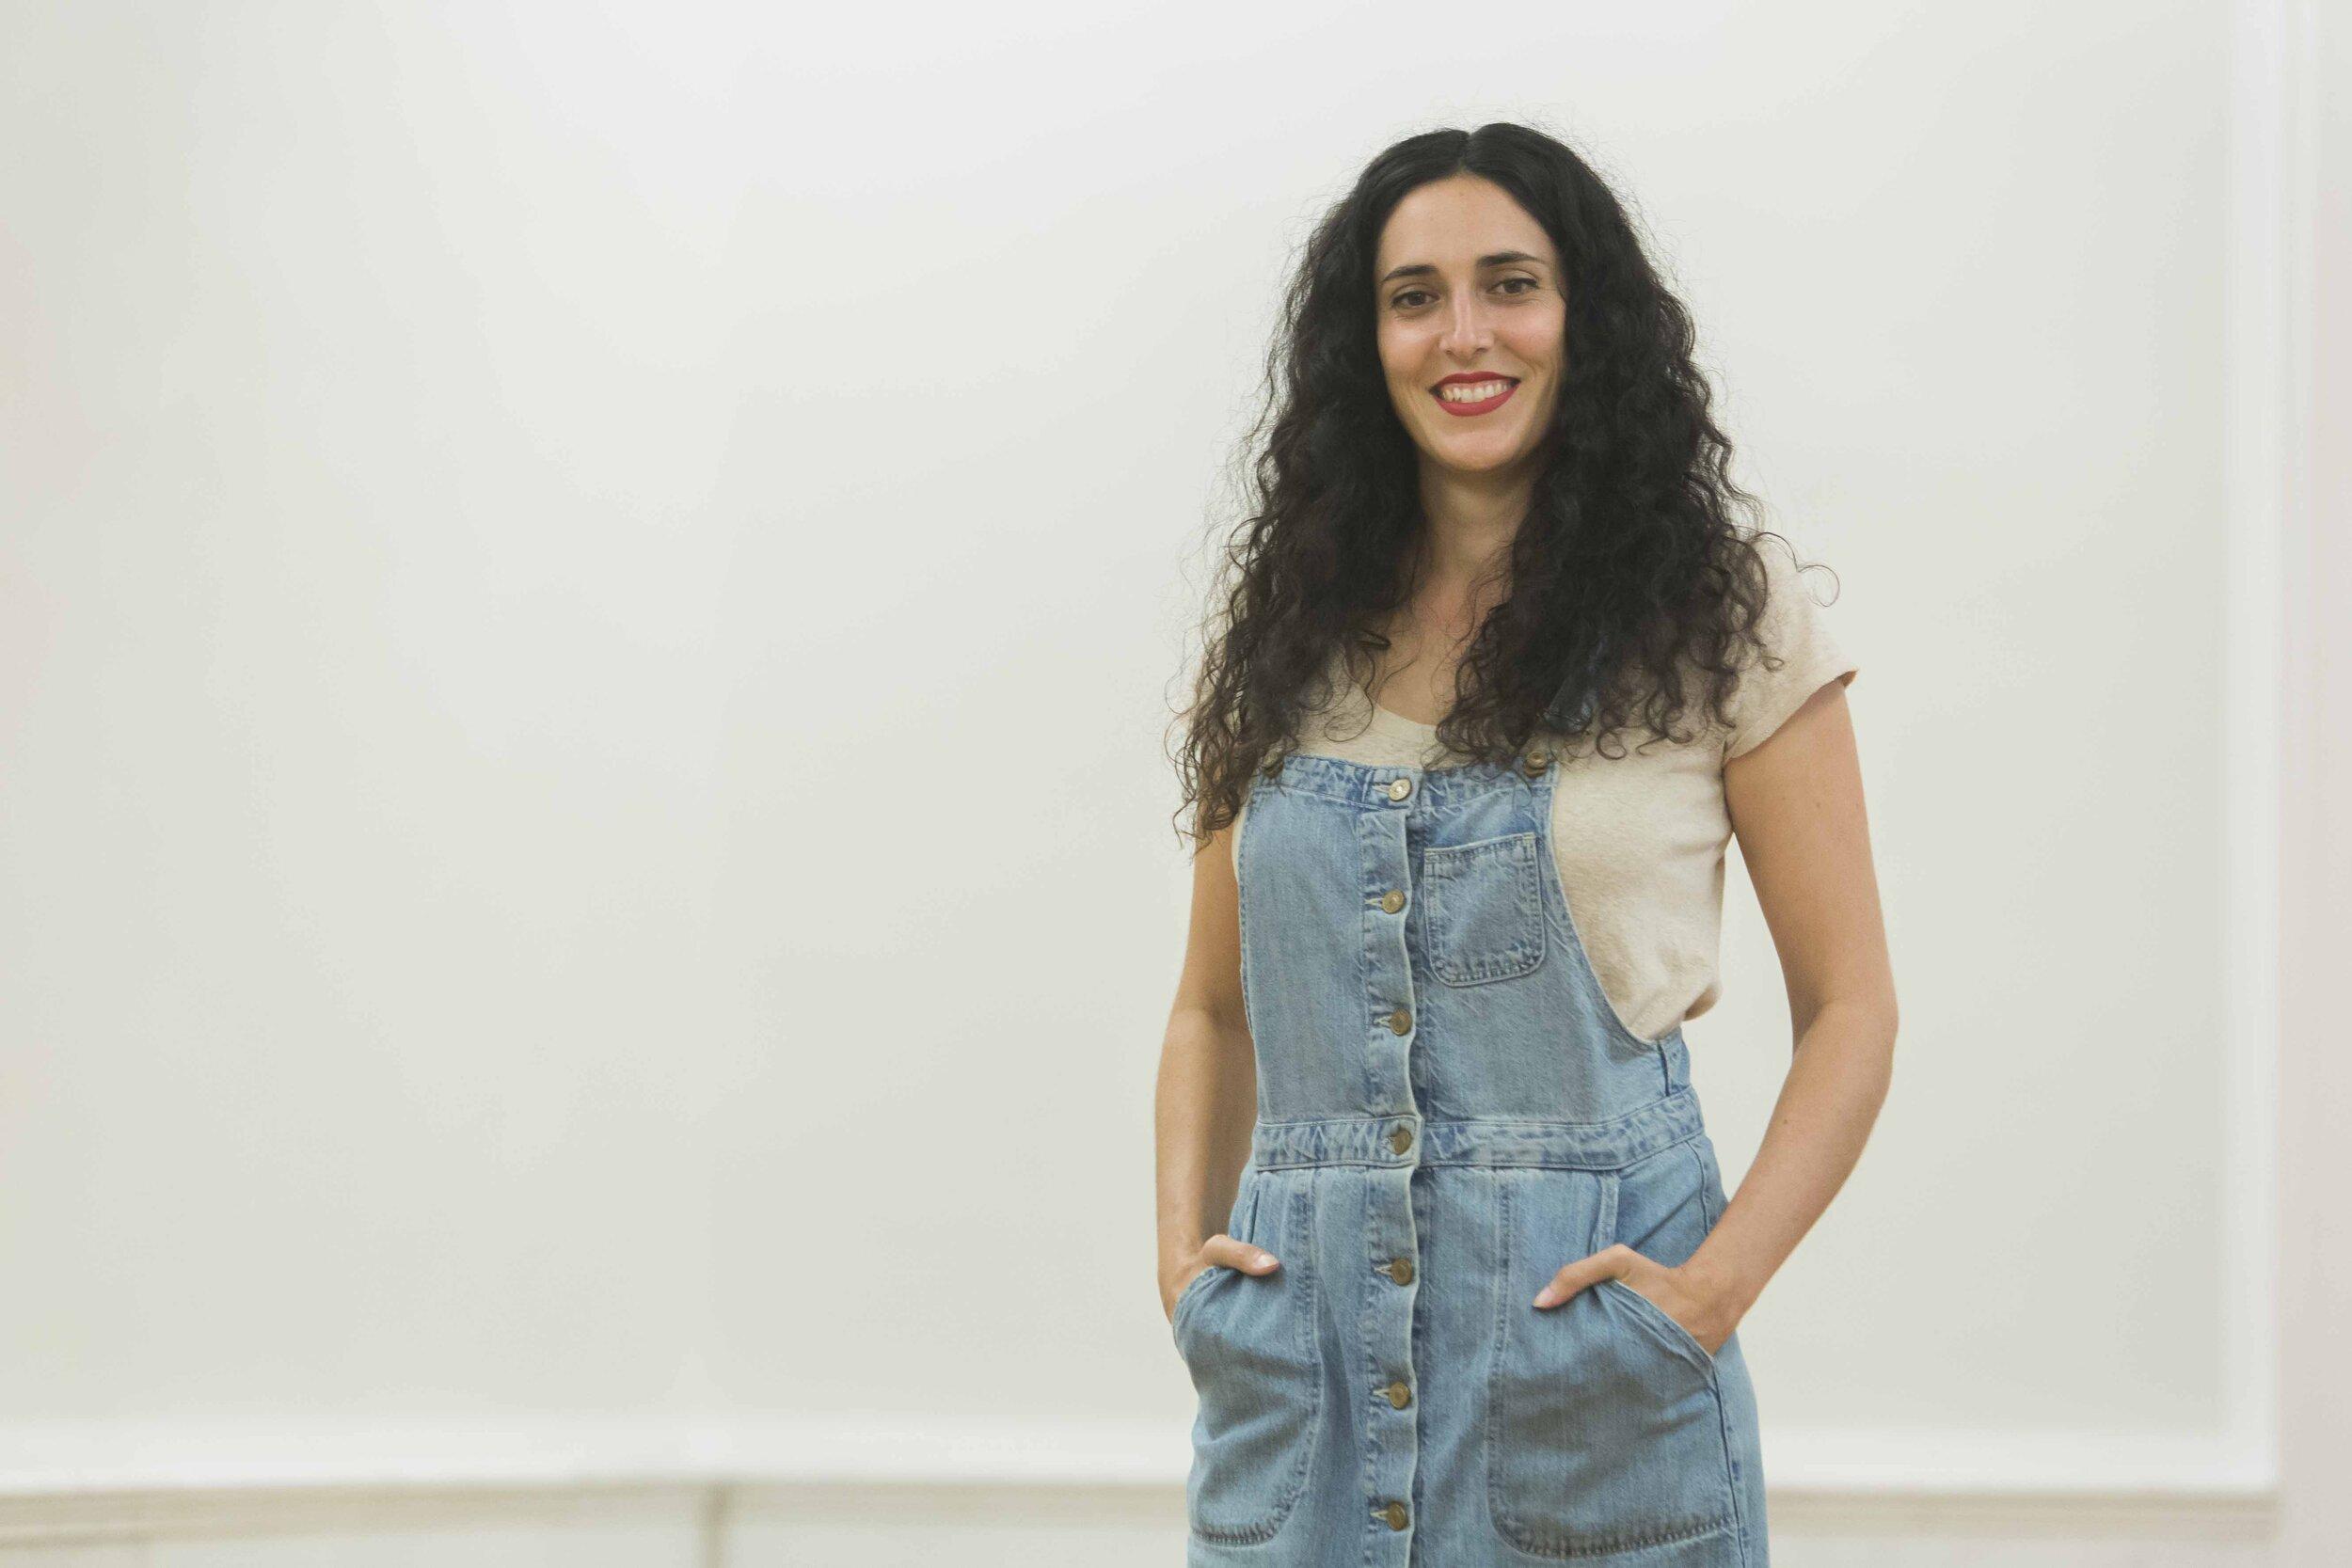 Prólogo de Ibértigo 2019 con Marina Lameiro. Proyección de 'Young & Beautiful'